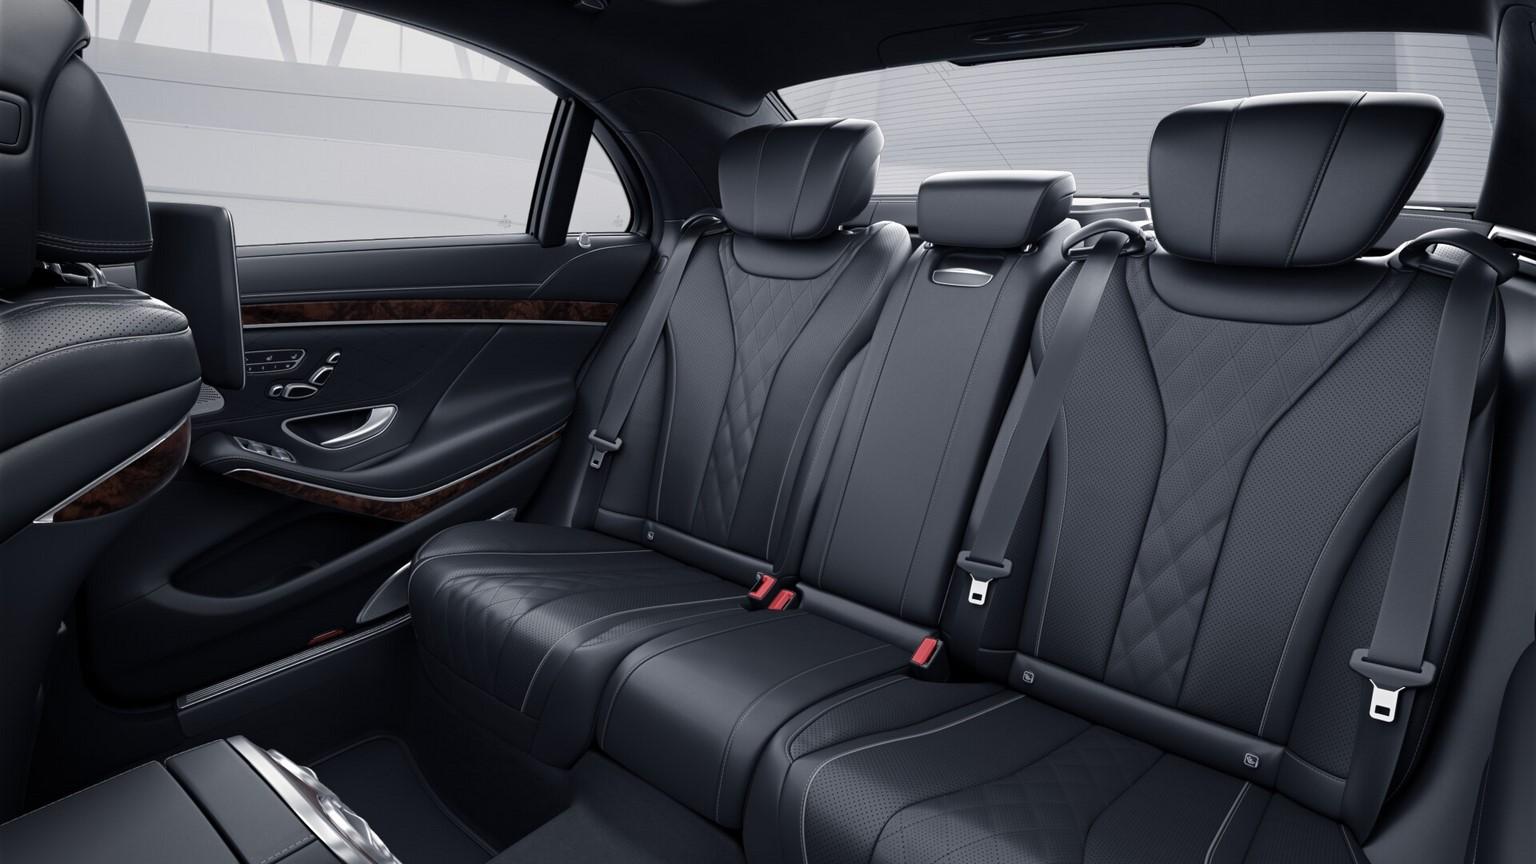 Xe mercedes s450 luxury (2)